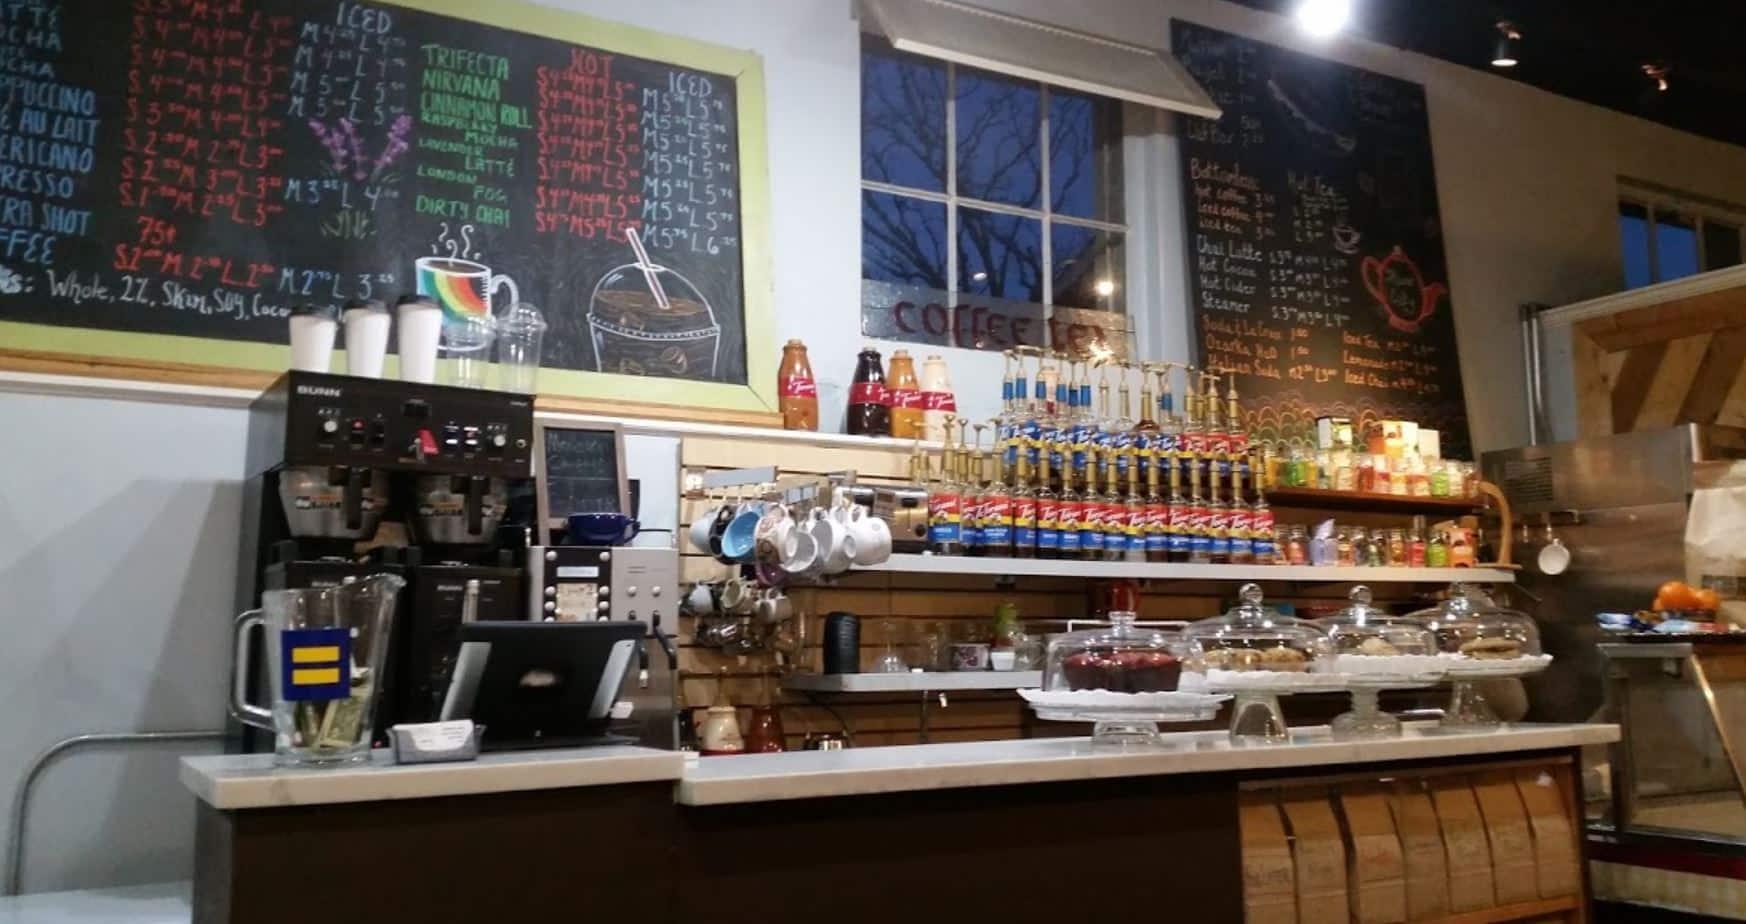 River City Coffee in Little Rock